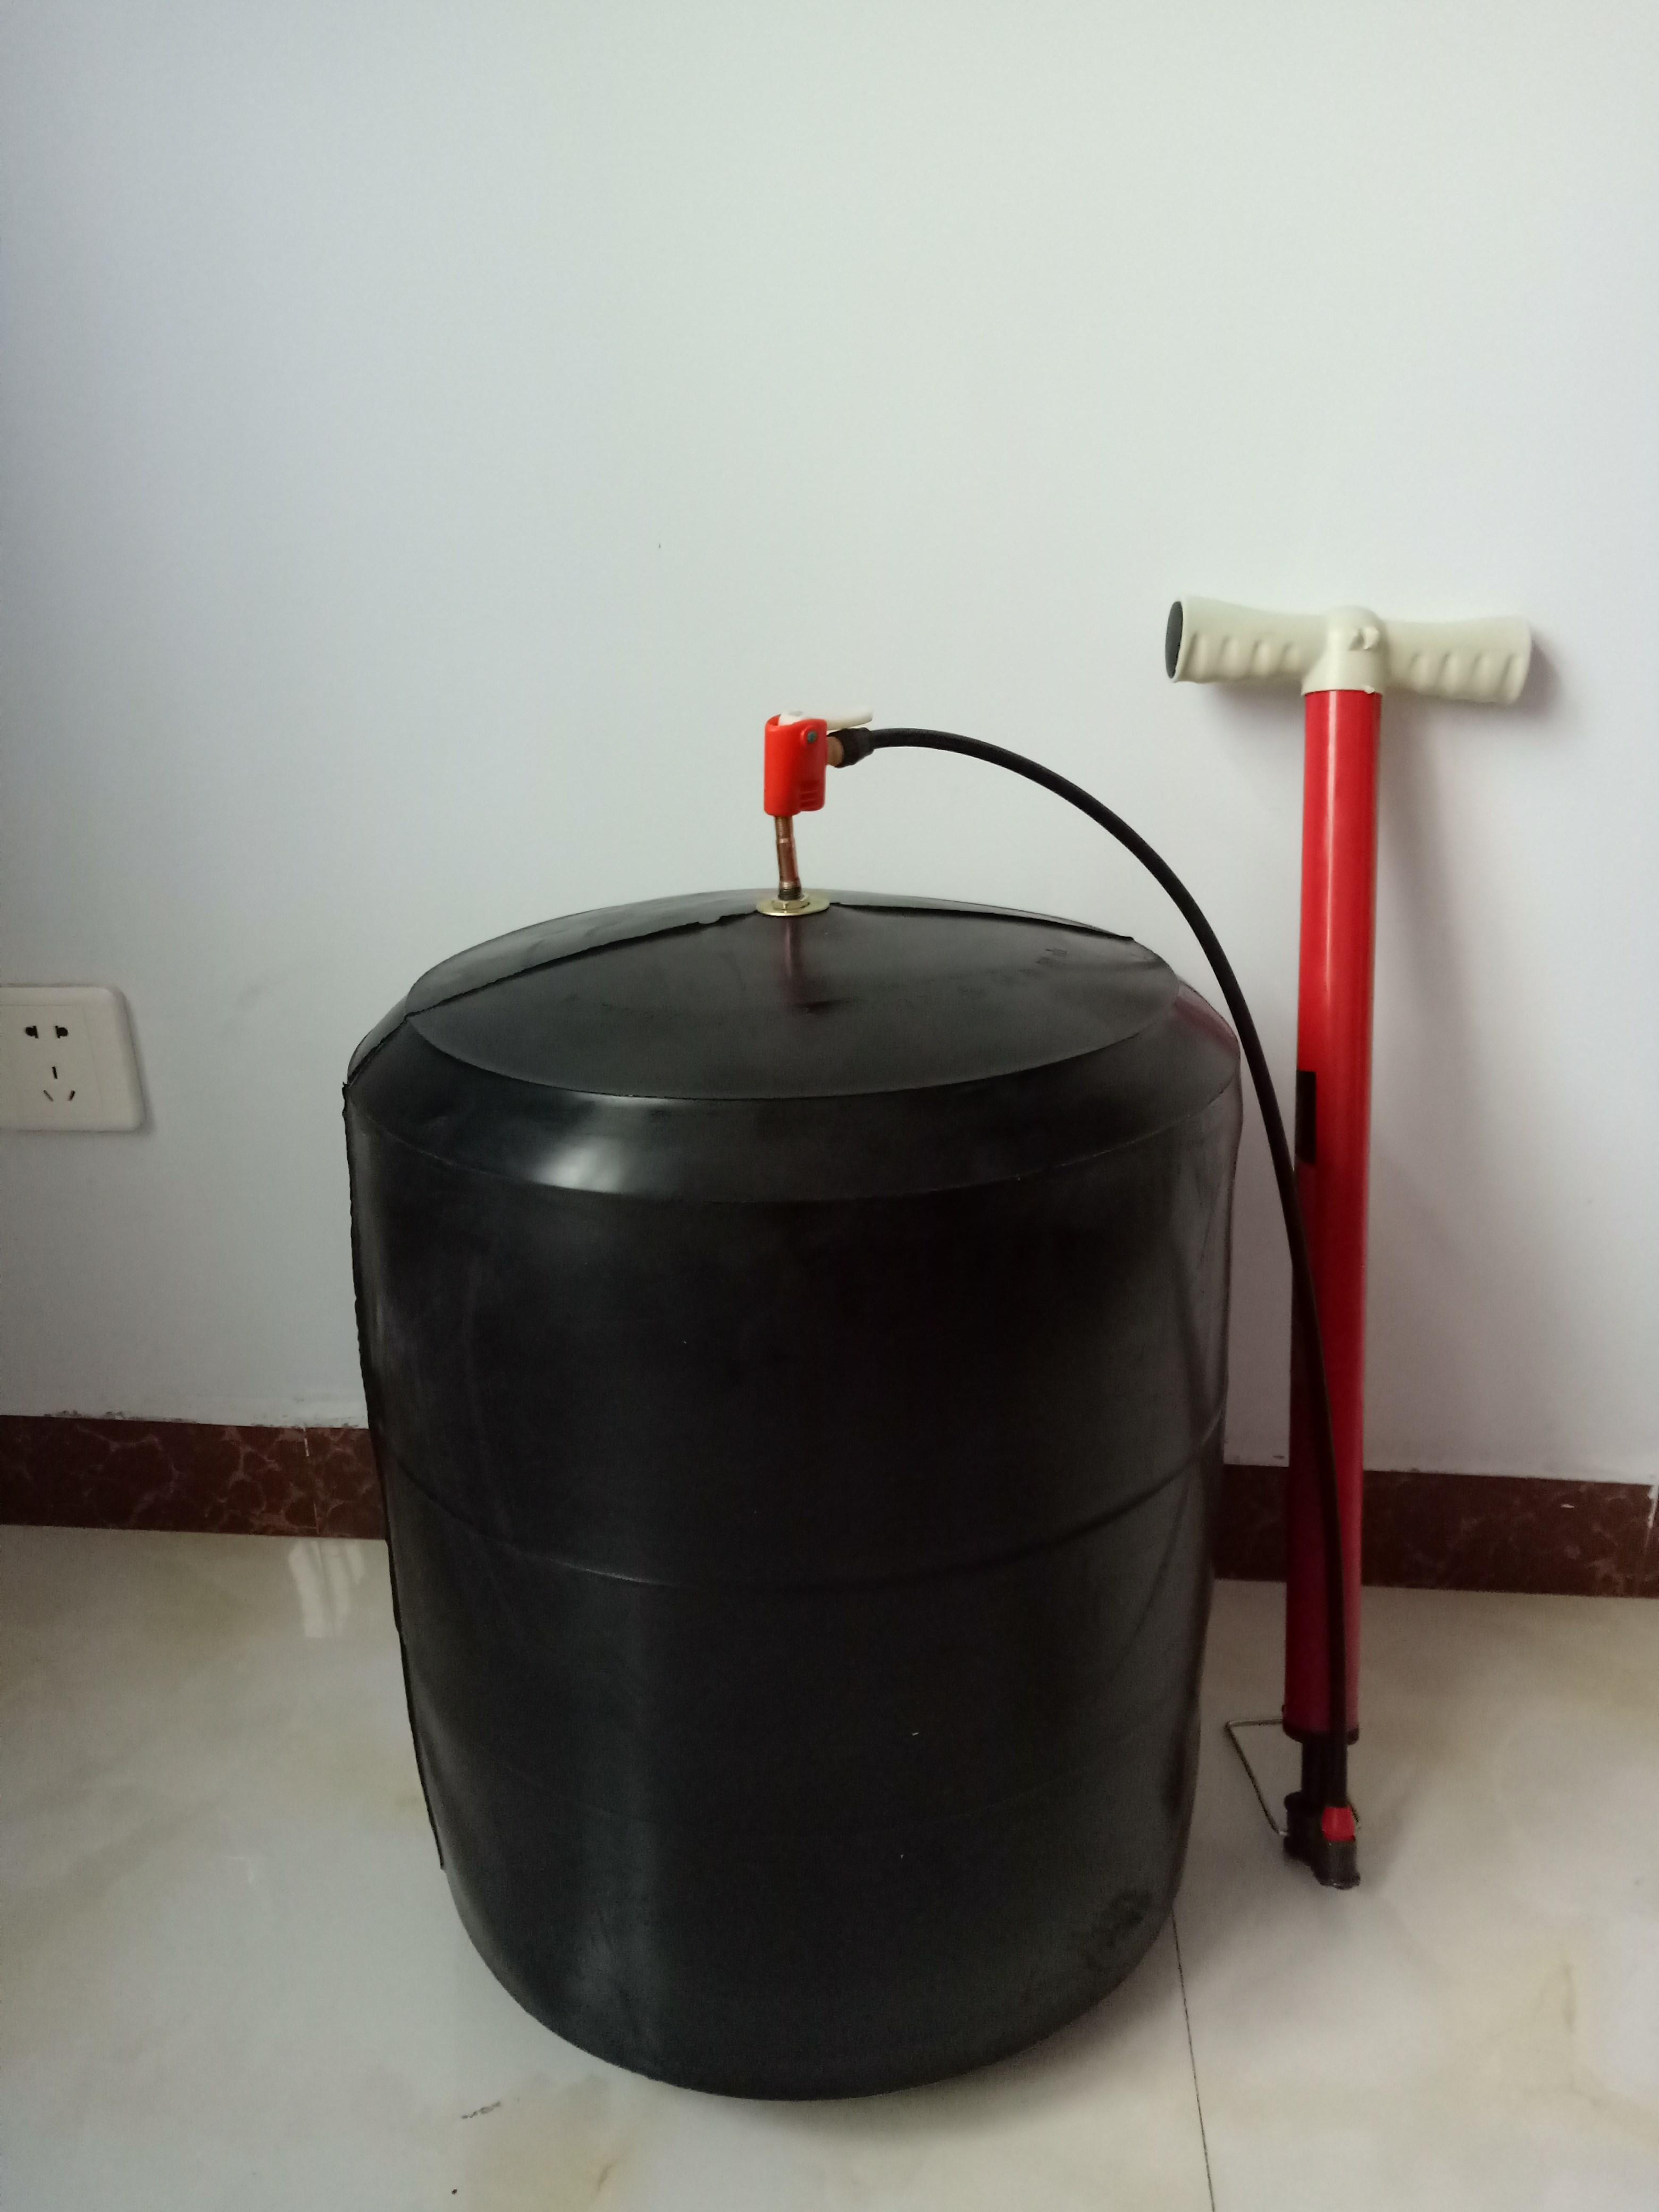 La prueba de presión de las tuberías de agua de 300 drenaje biliar vejiga de Goma inflable pelota agua tapar el tapón de Airbag